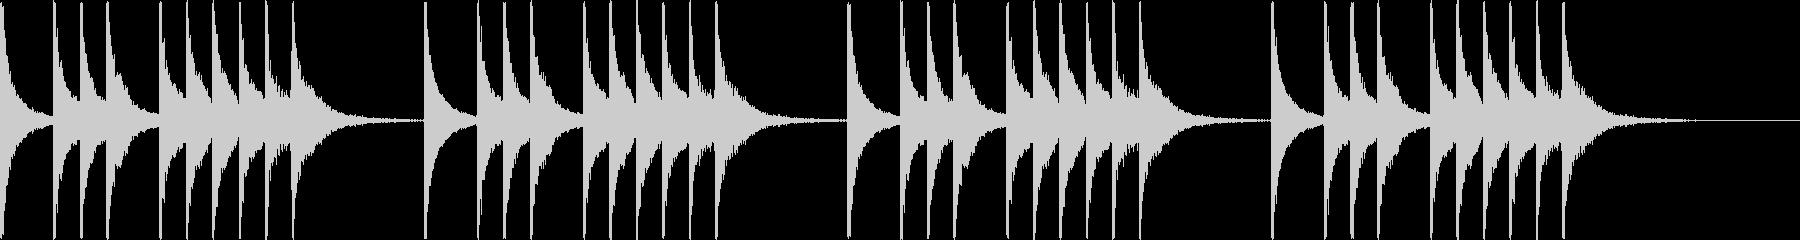 iPhoneっぽい着信音の未再生の波形